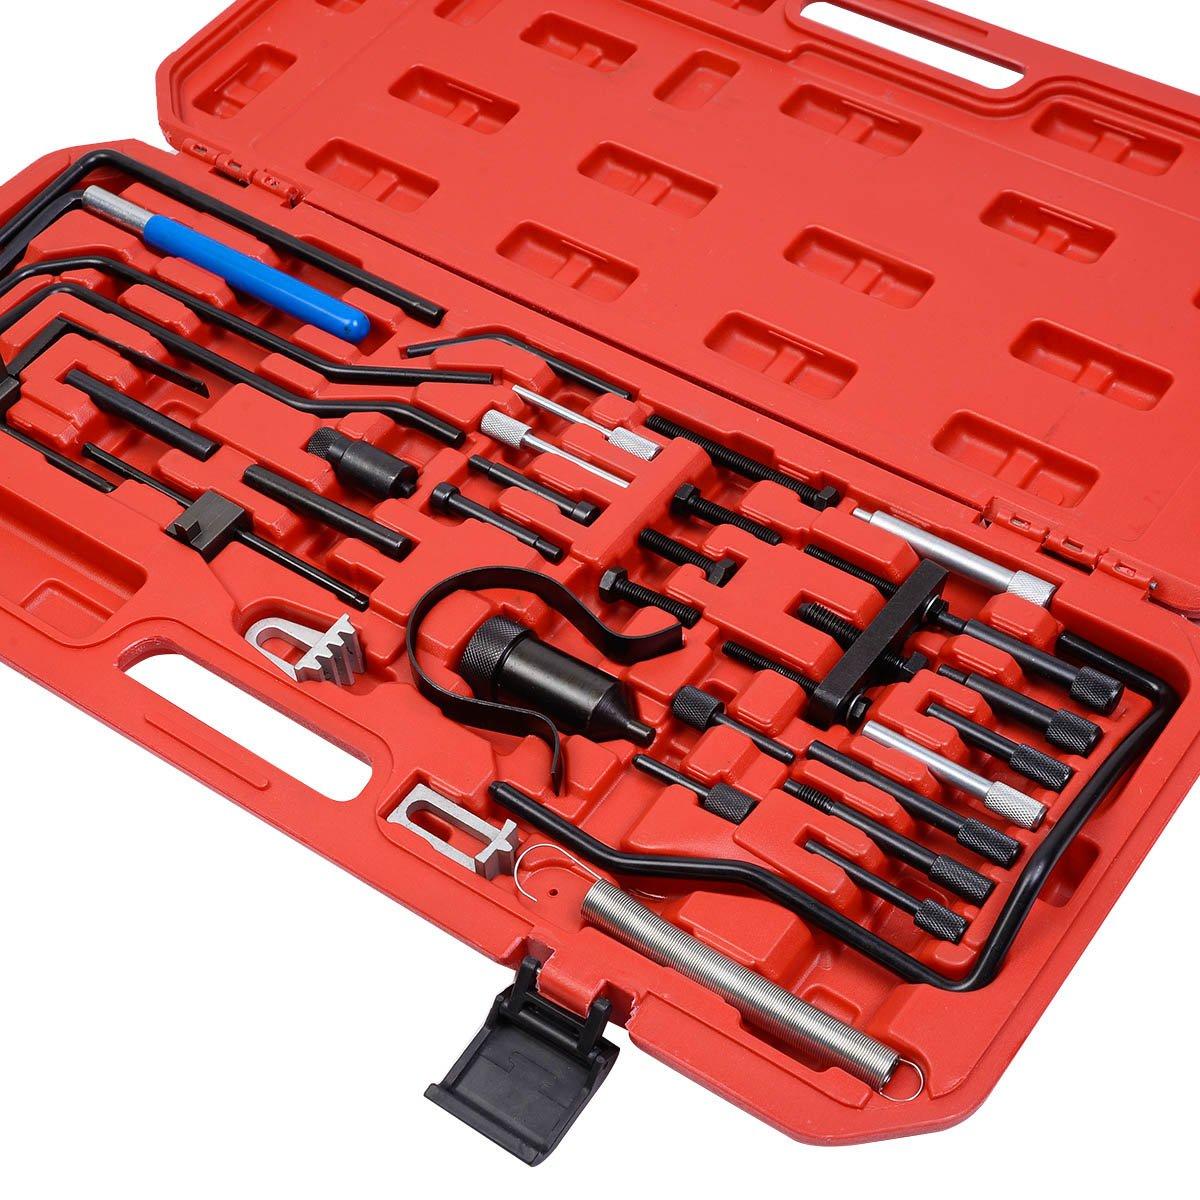 safstar Citroen Peugeot encendido de motor ajuste cinturón cambio herramienta Set Kit: Amazon.es: Hogar